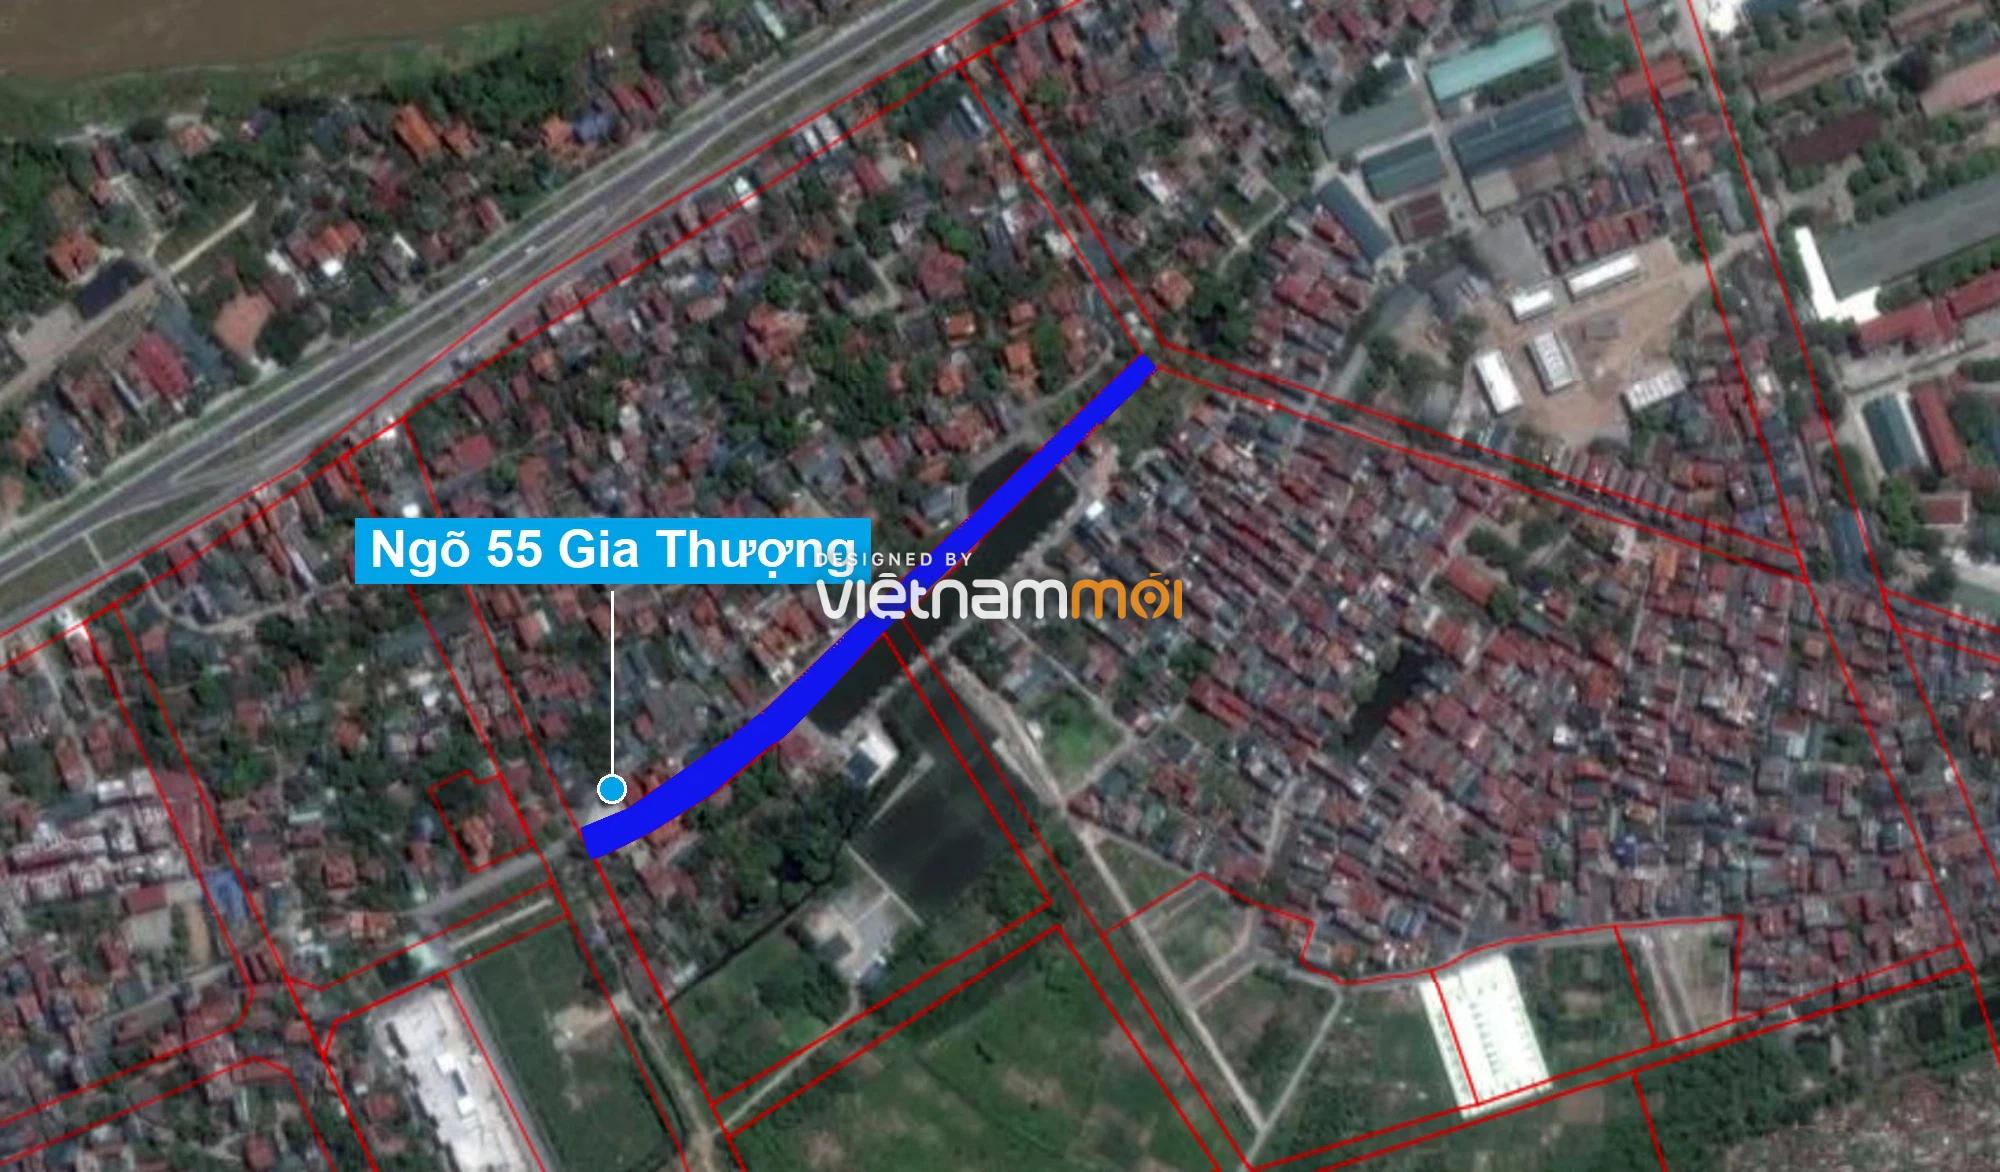 Những khu đất sắp thu hồi để mở đường ở phường Ngọc Thụy, Long Biên, Hà Nội (phần 2) - Ảnh 2.